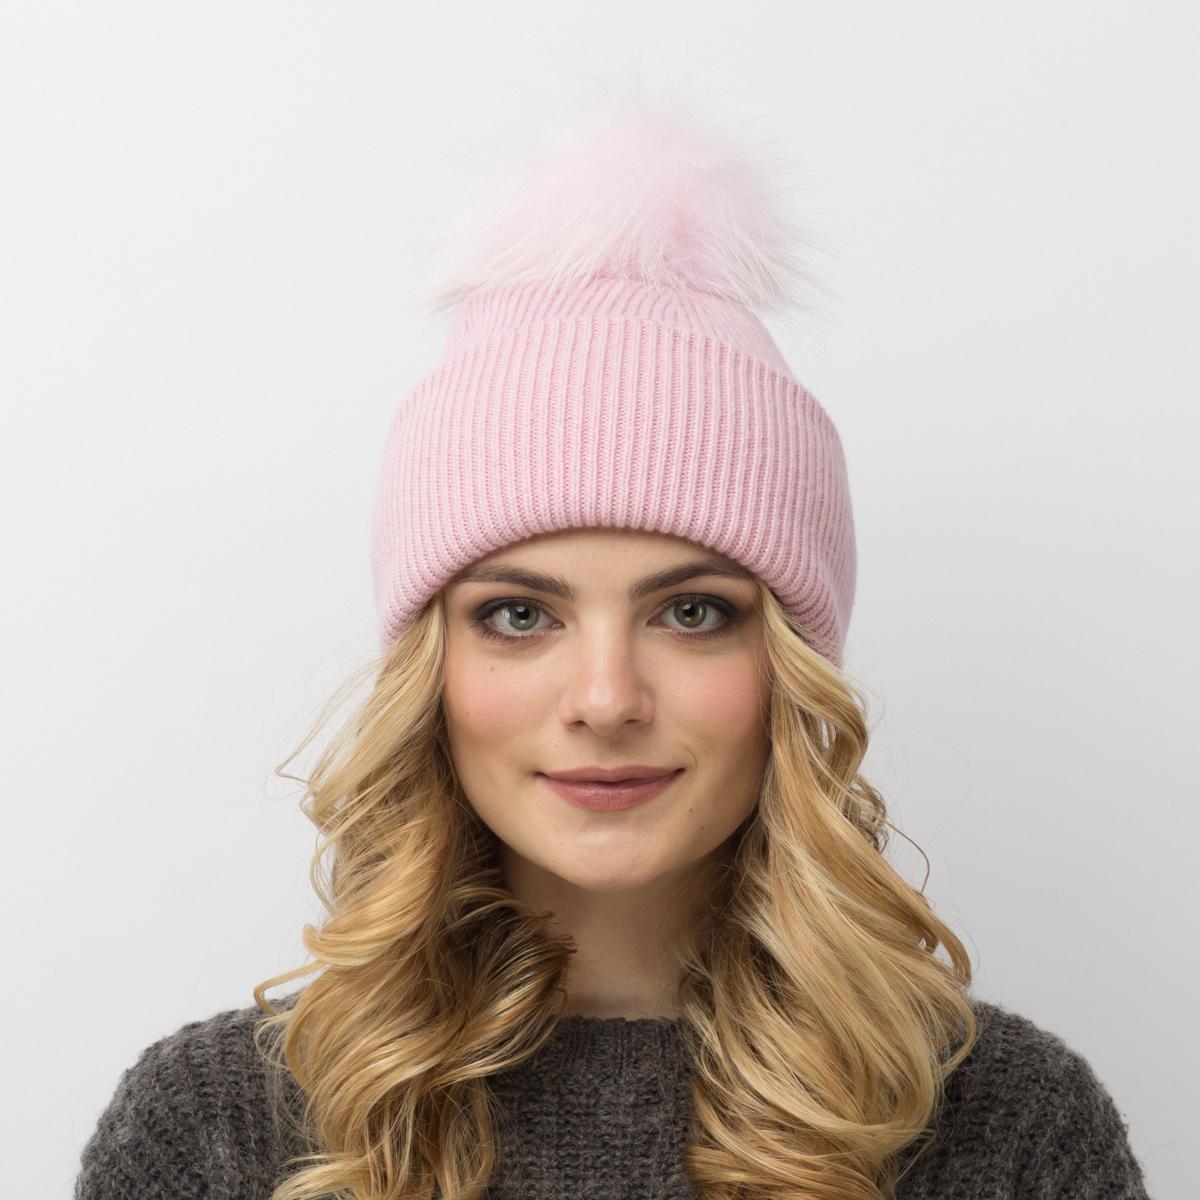 Шапка женская Flioraj, цвет: светло-розовый. 713/12-М FJ. Размер 56/58713/12-М FJТеплая шерстяная шапка от Flioraj выполнена модной рельефной вязкой. Отлично защитит от холода. Такую шапочку можно носить с любым видом верхней одежды, достаточно только определиться с цветом. Модель дополнена меховым помпоном.